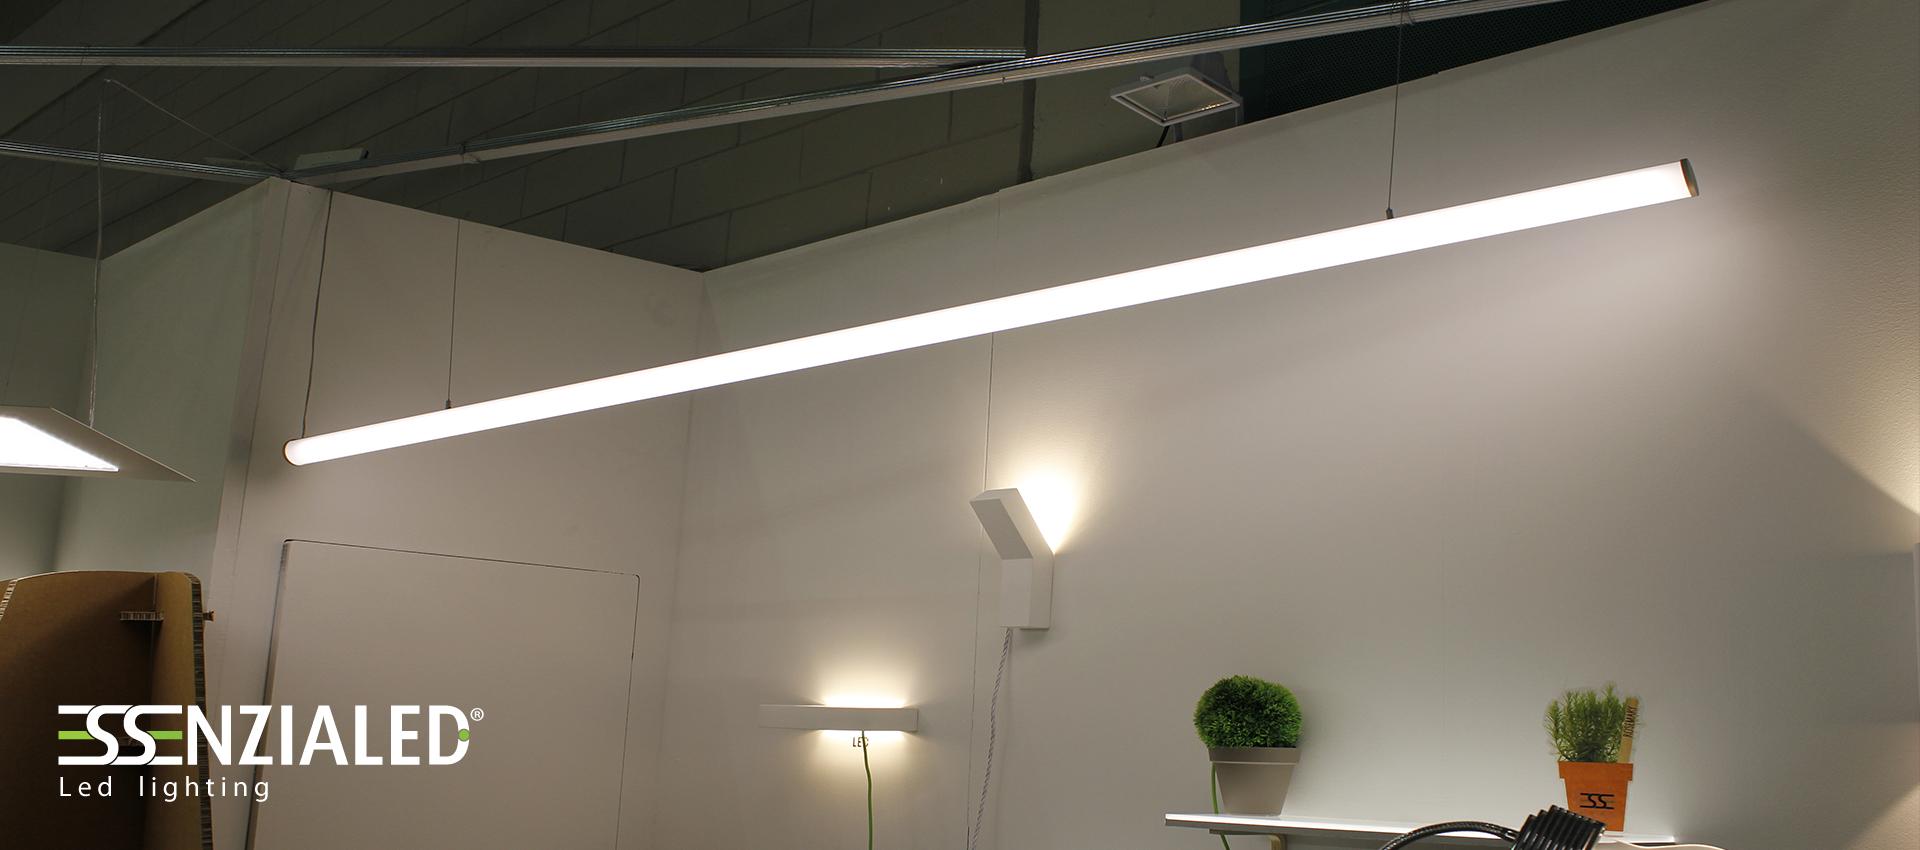 Tube 6 0 tubo led sospensione tutta luceessenzialed for Lampada tubolare led